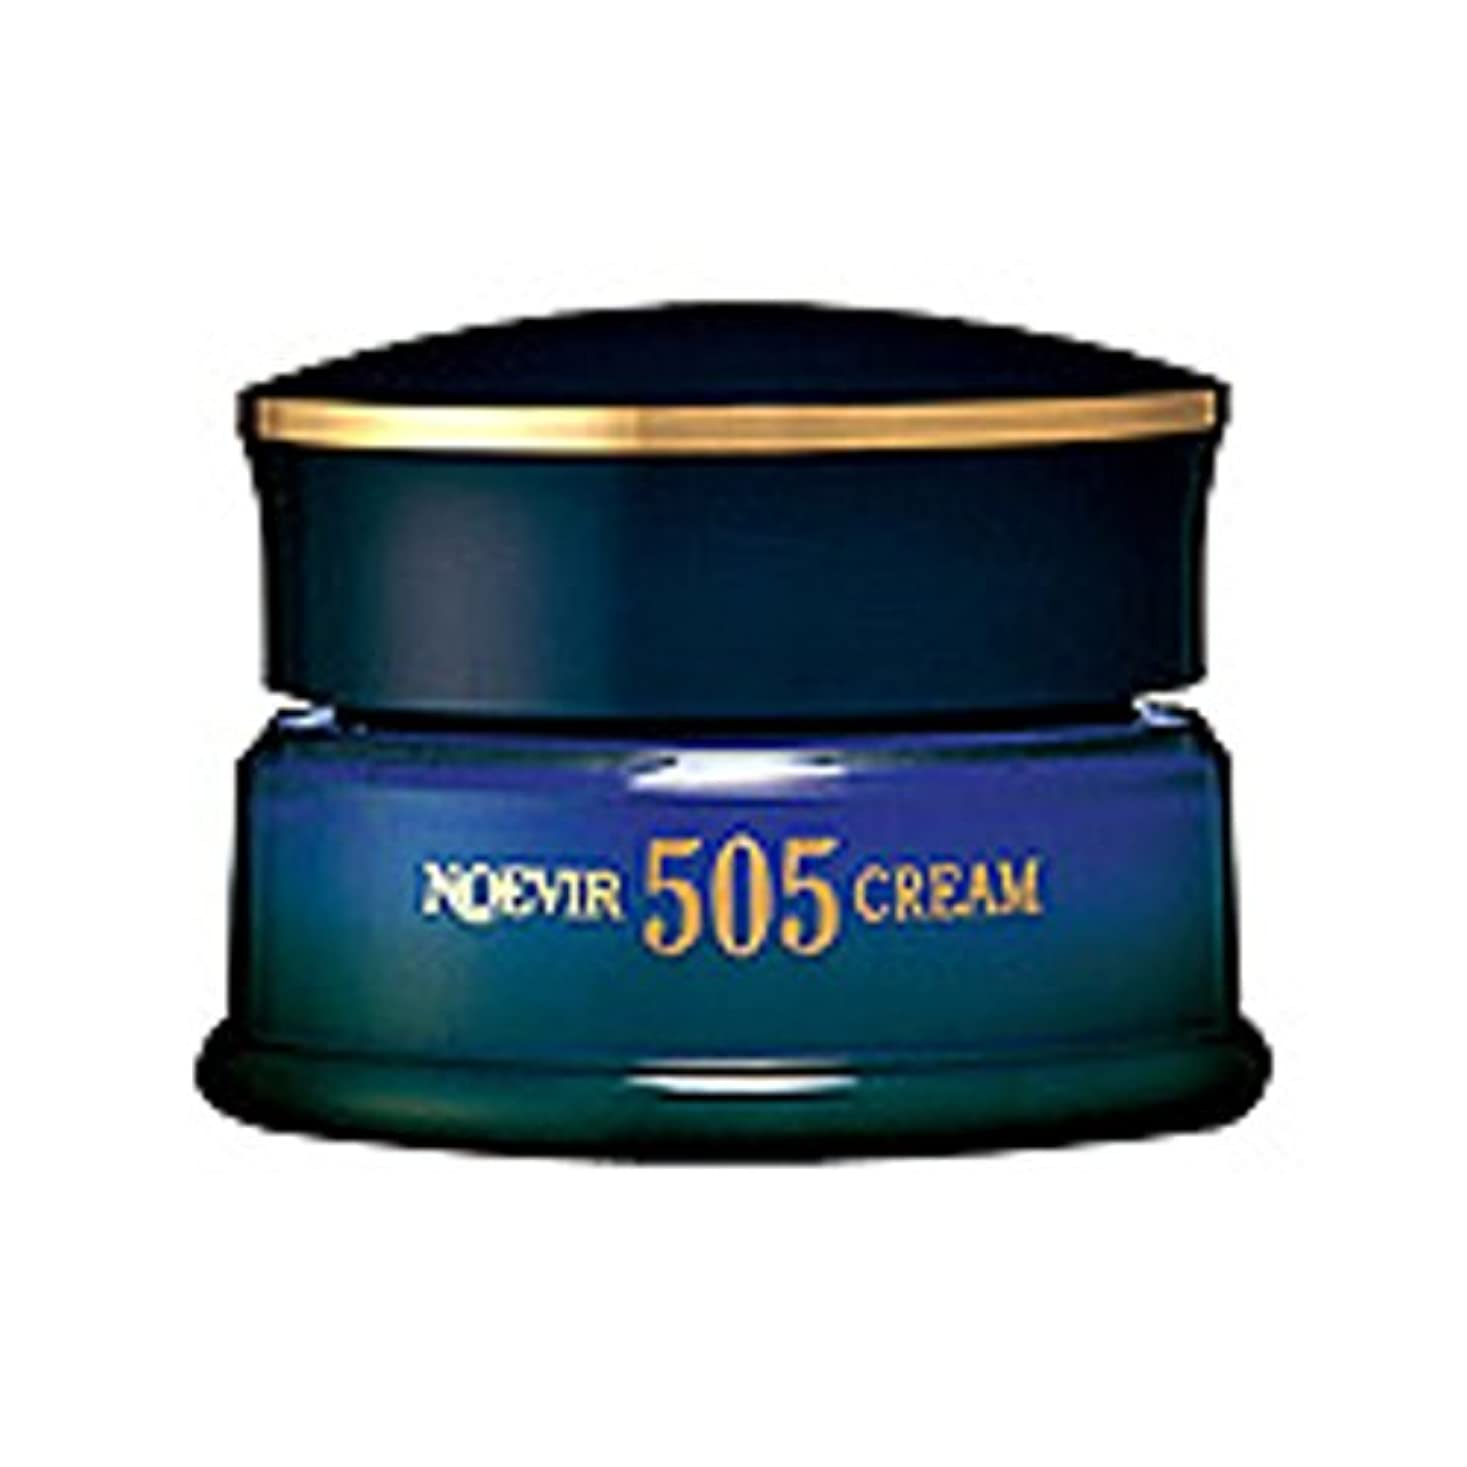 遅い吸い込む圧倒的ノエビア 505 薬用クリーム 30g